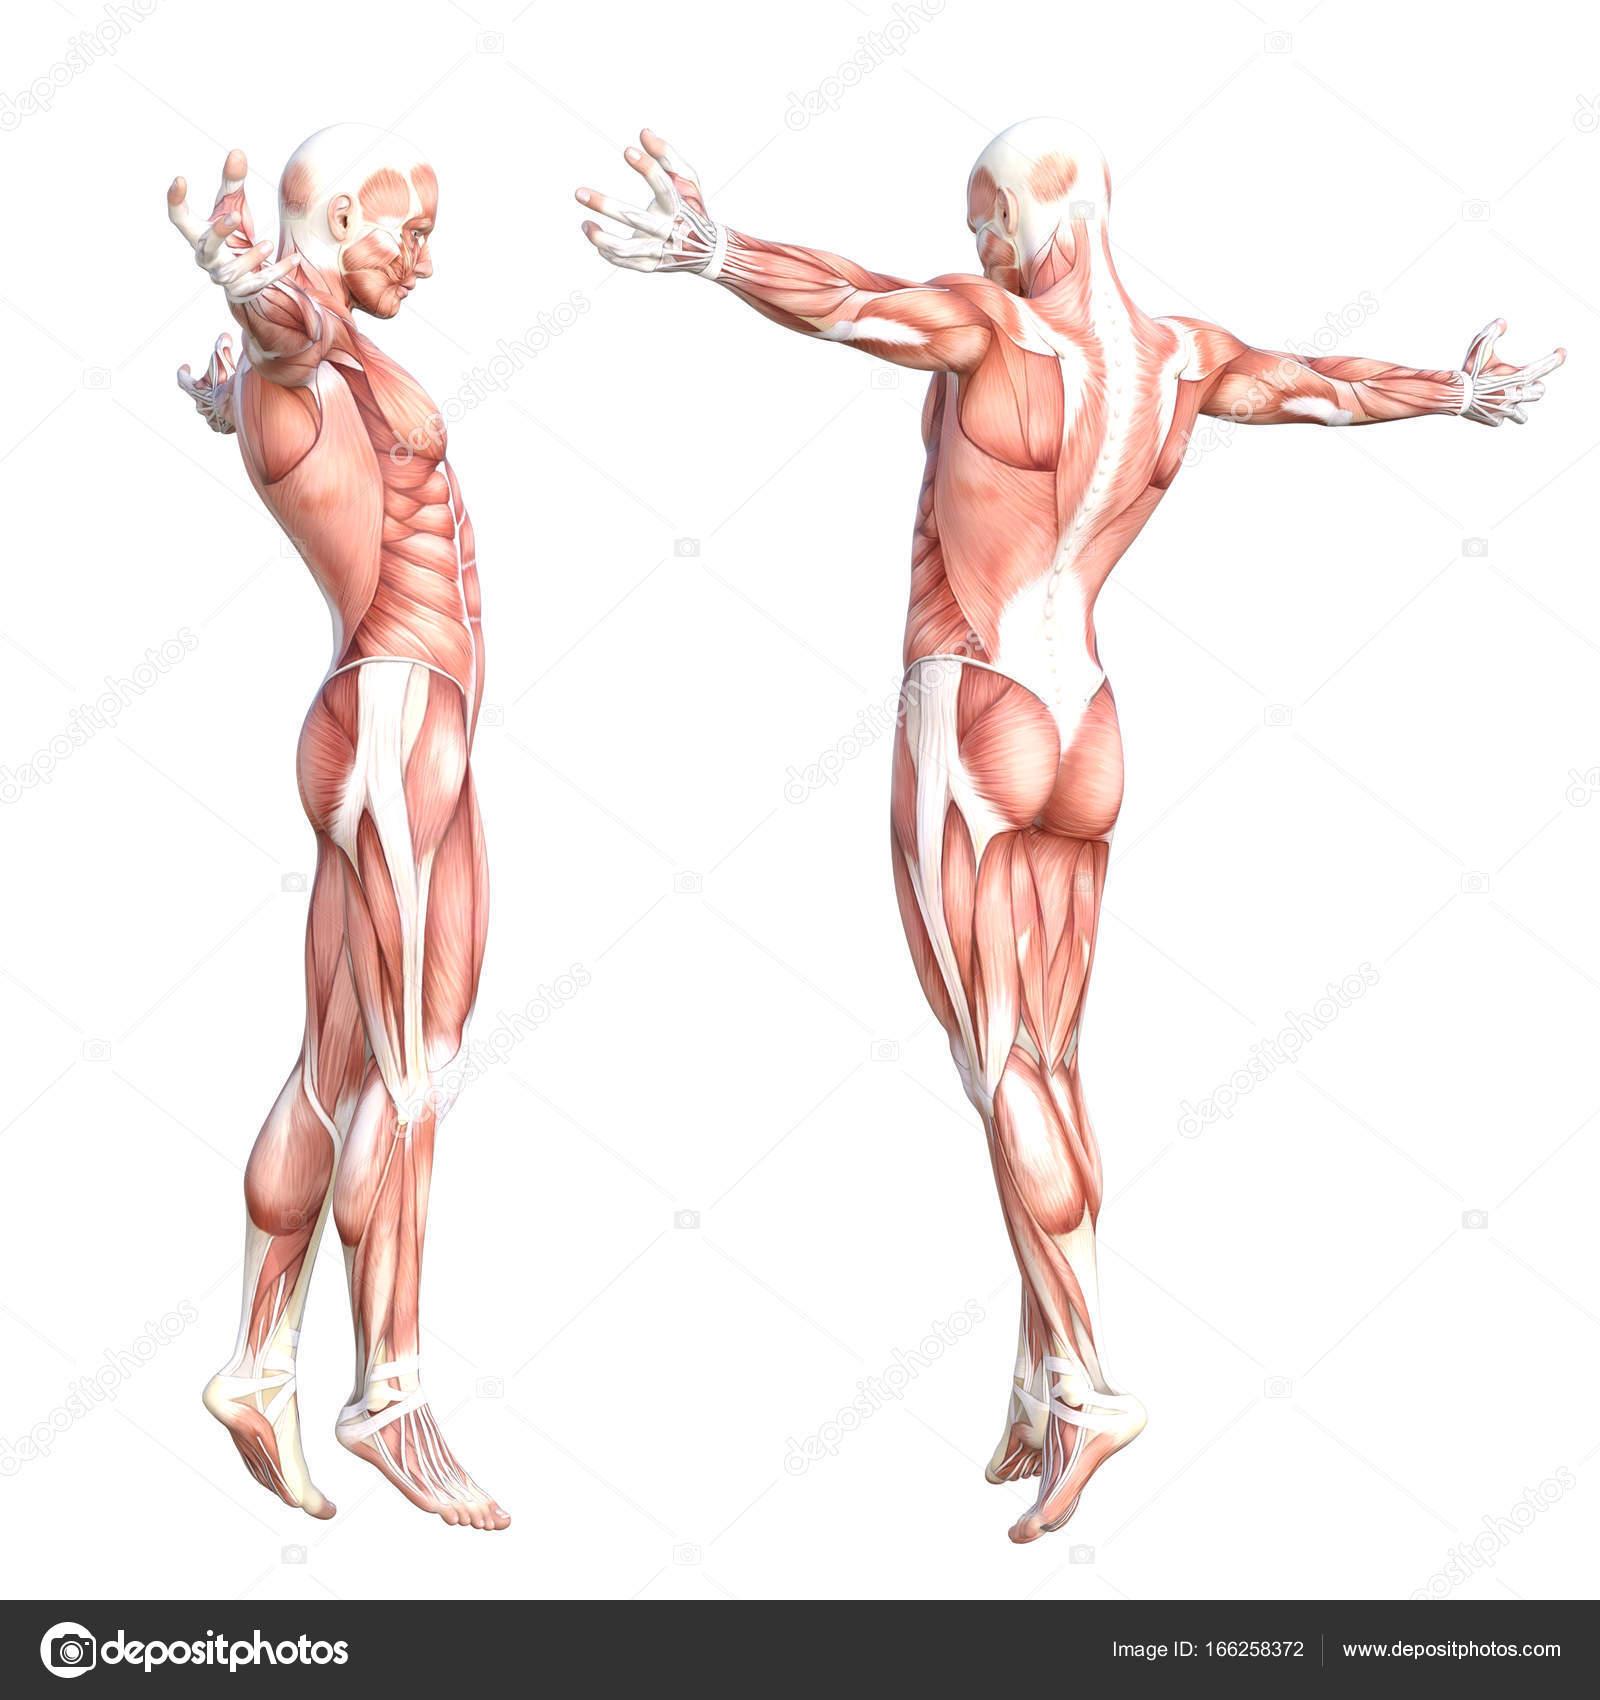 grundlegende menschliche Anatomie — Stockfoto © design36 #166258372